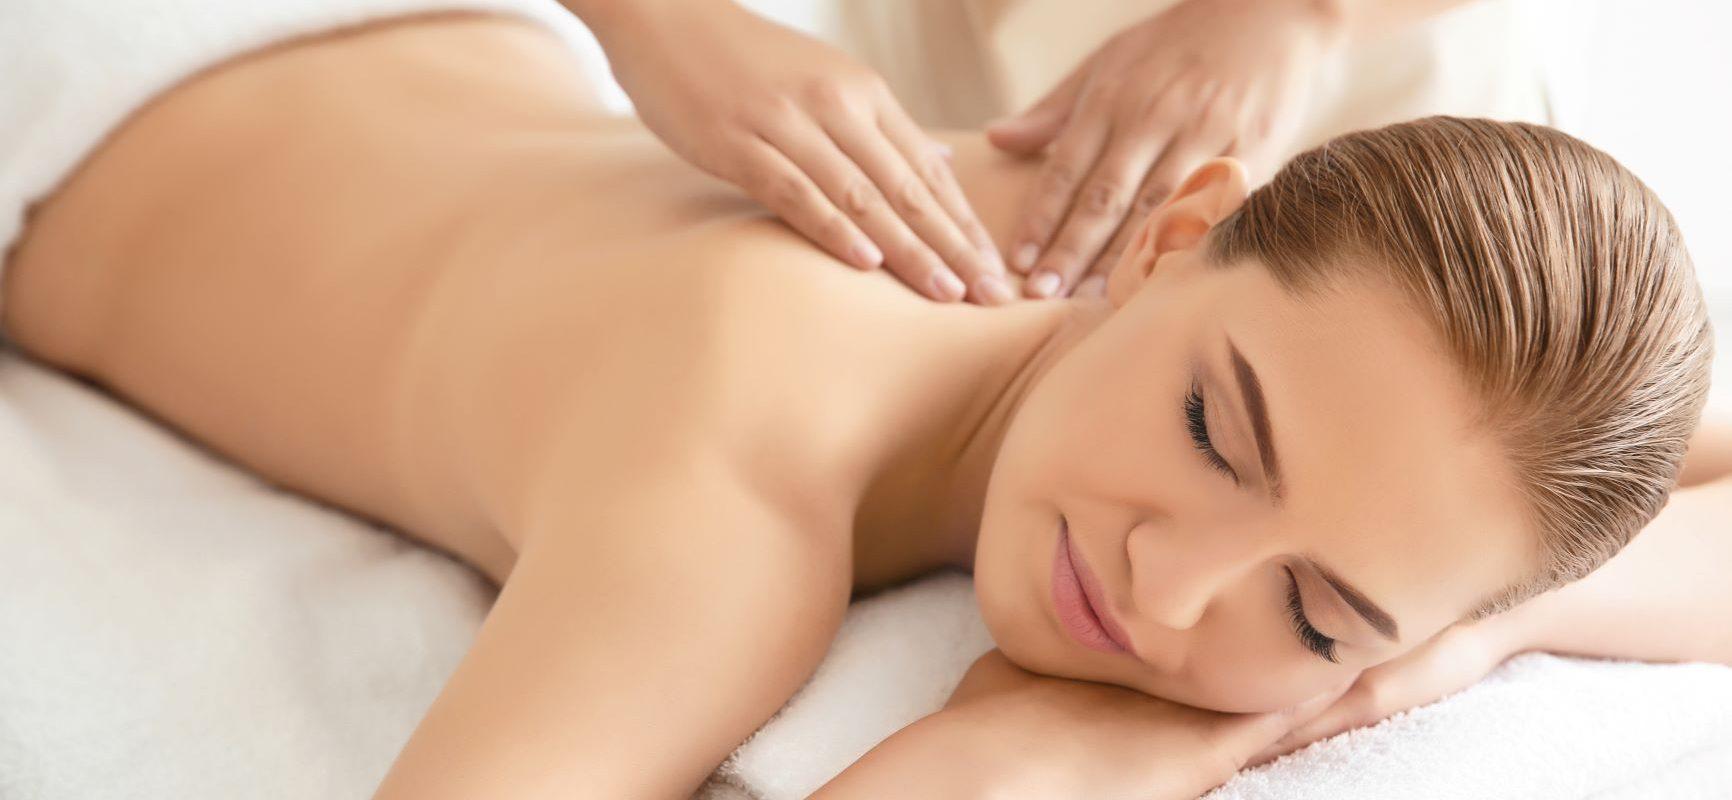 Rofting - terapia manualna powięzi. Kobieta na masażu powięziowym.